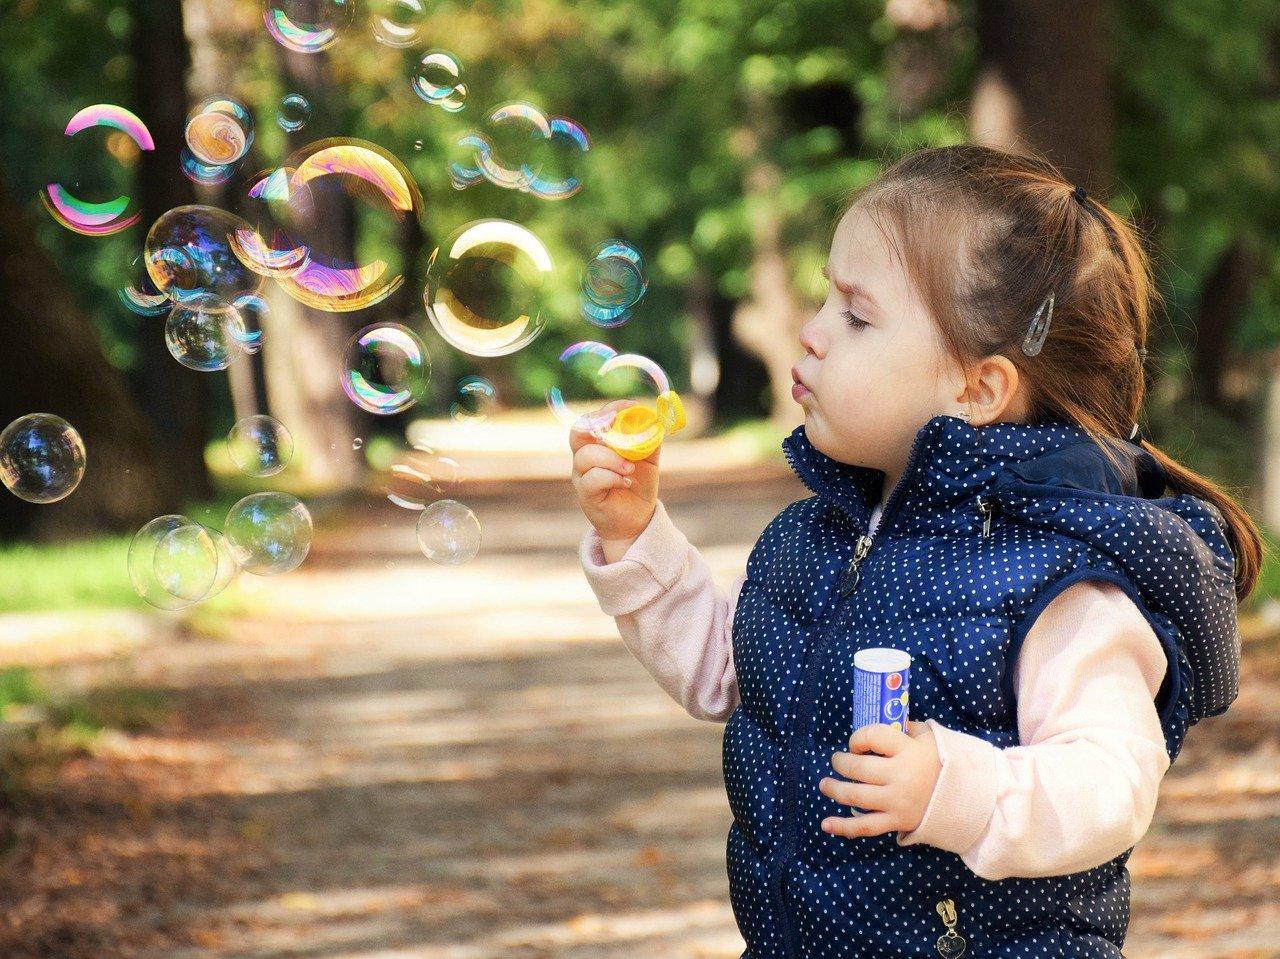 фото Выплаты на детей от 3 до 7 лет: при каком условии семья получит пособие в двойном размере 2